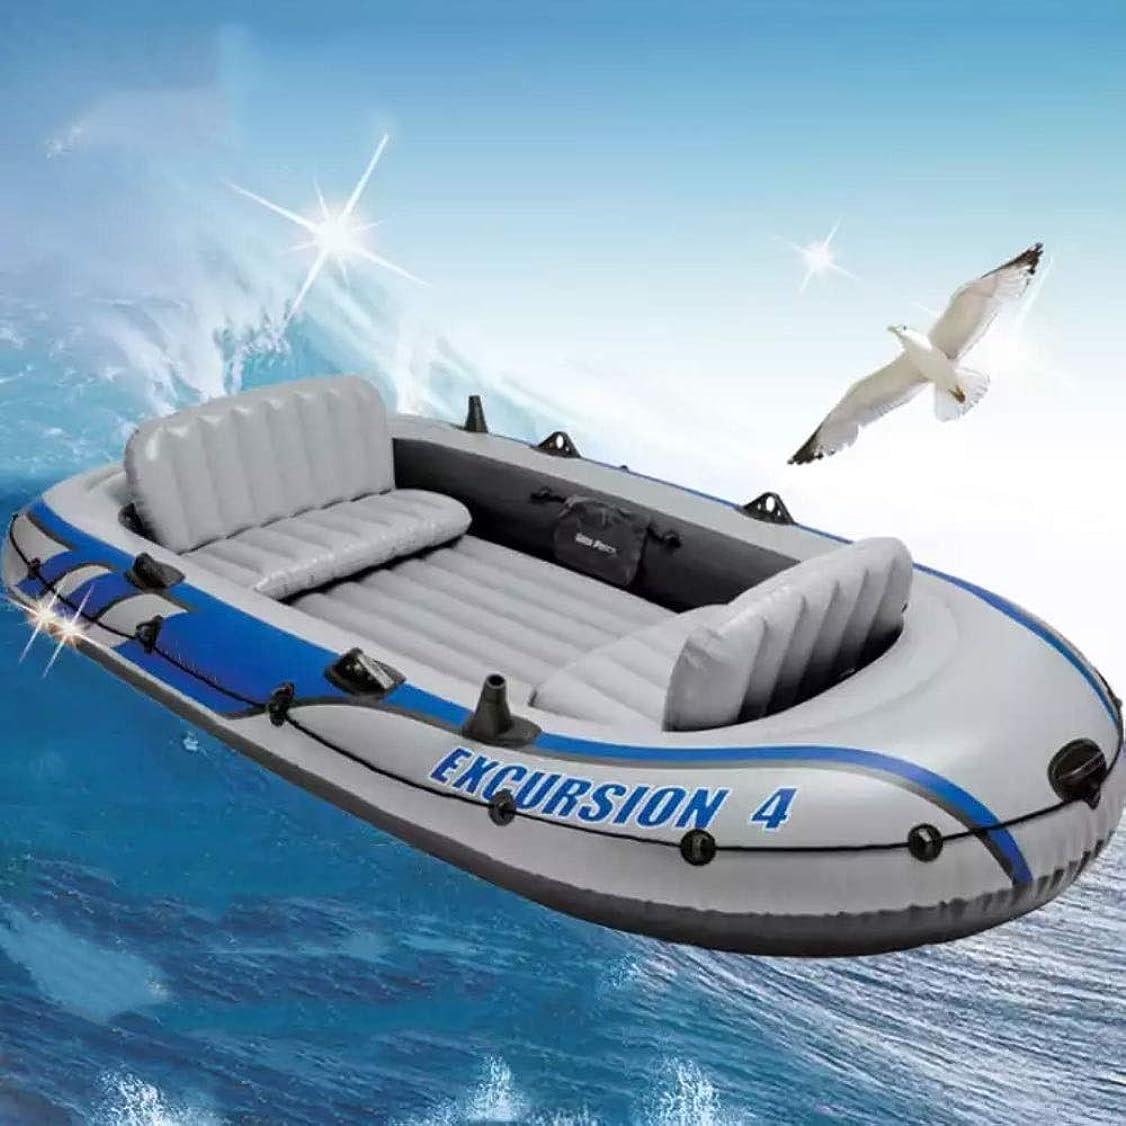 自我王室発音するBOOA 3人用 折りたたみ式 インフレータブル ボート プロフェッショナル 釣りボート 空気注入式 ボート用 パドルとポンプ付き 耐荷重300kg 空気注入式ボートの寸法 26215742cm